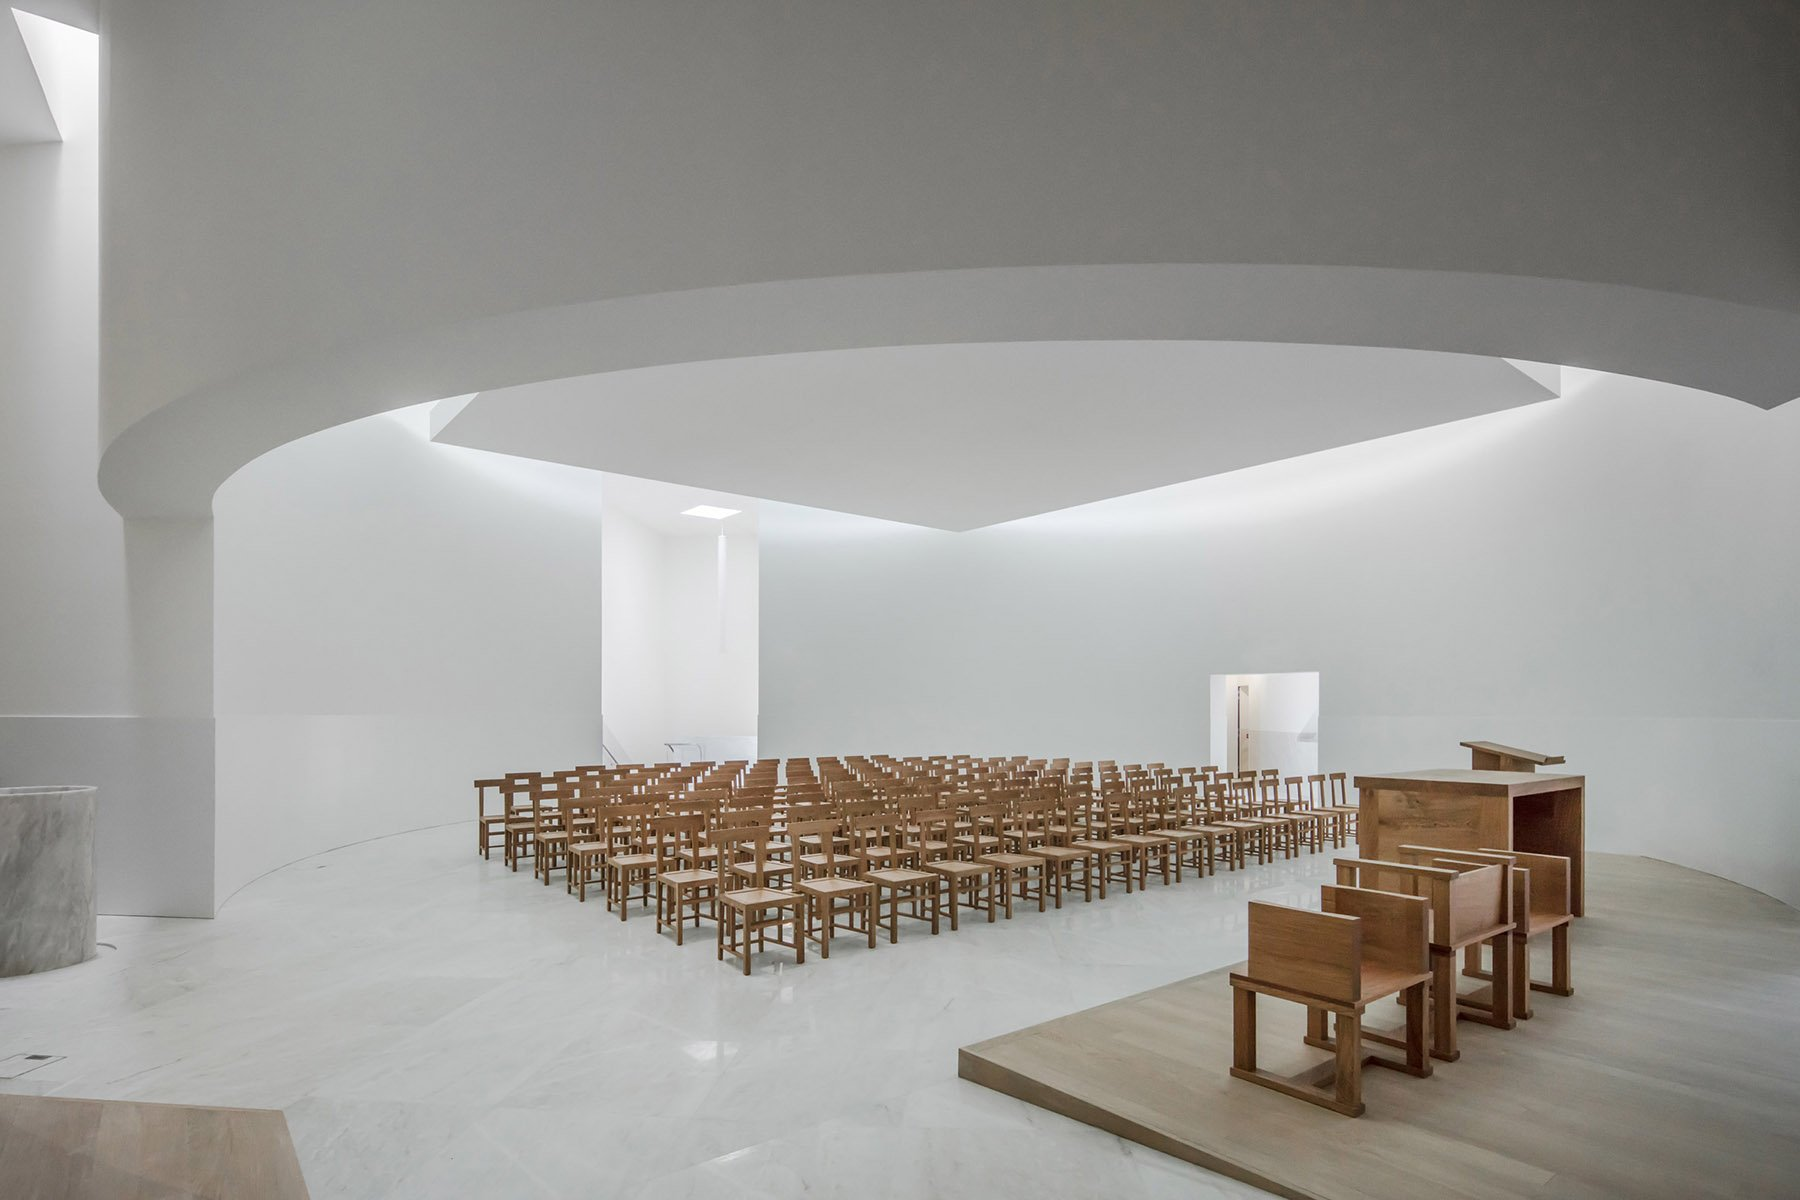 iGNANT-Architecture-Alvaro-Siza-Siza-Brittany-Church-022